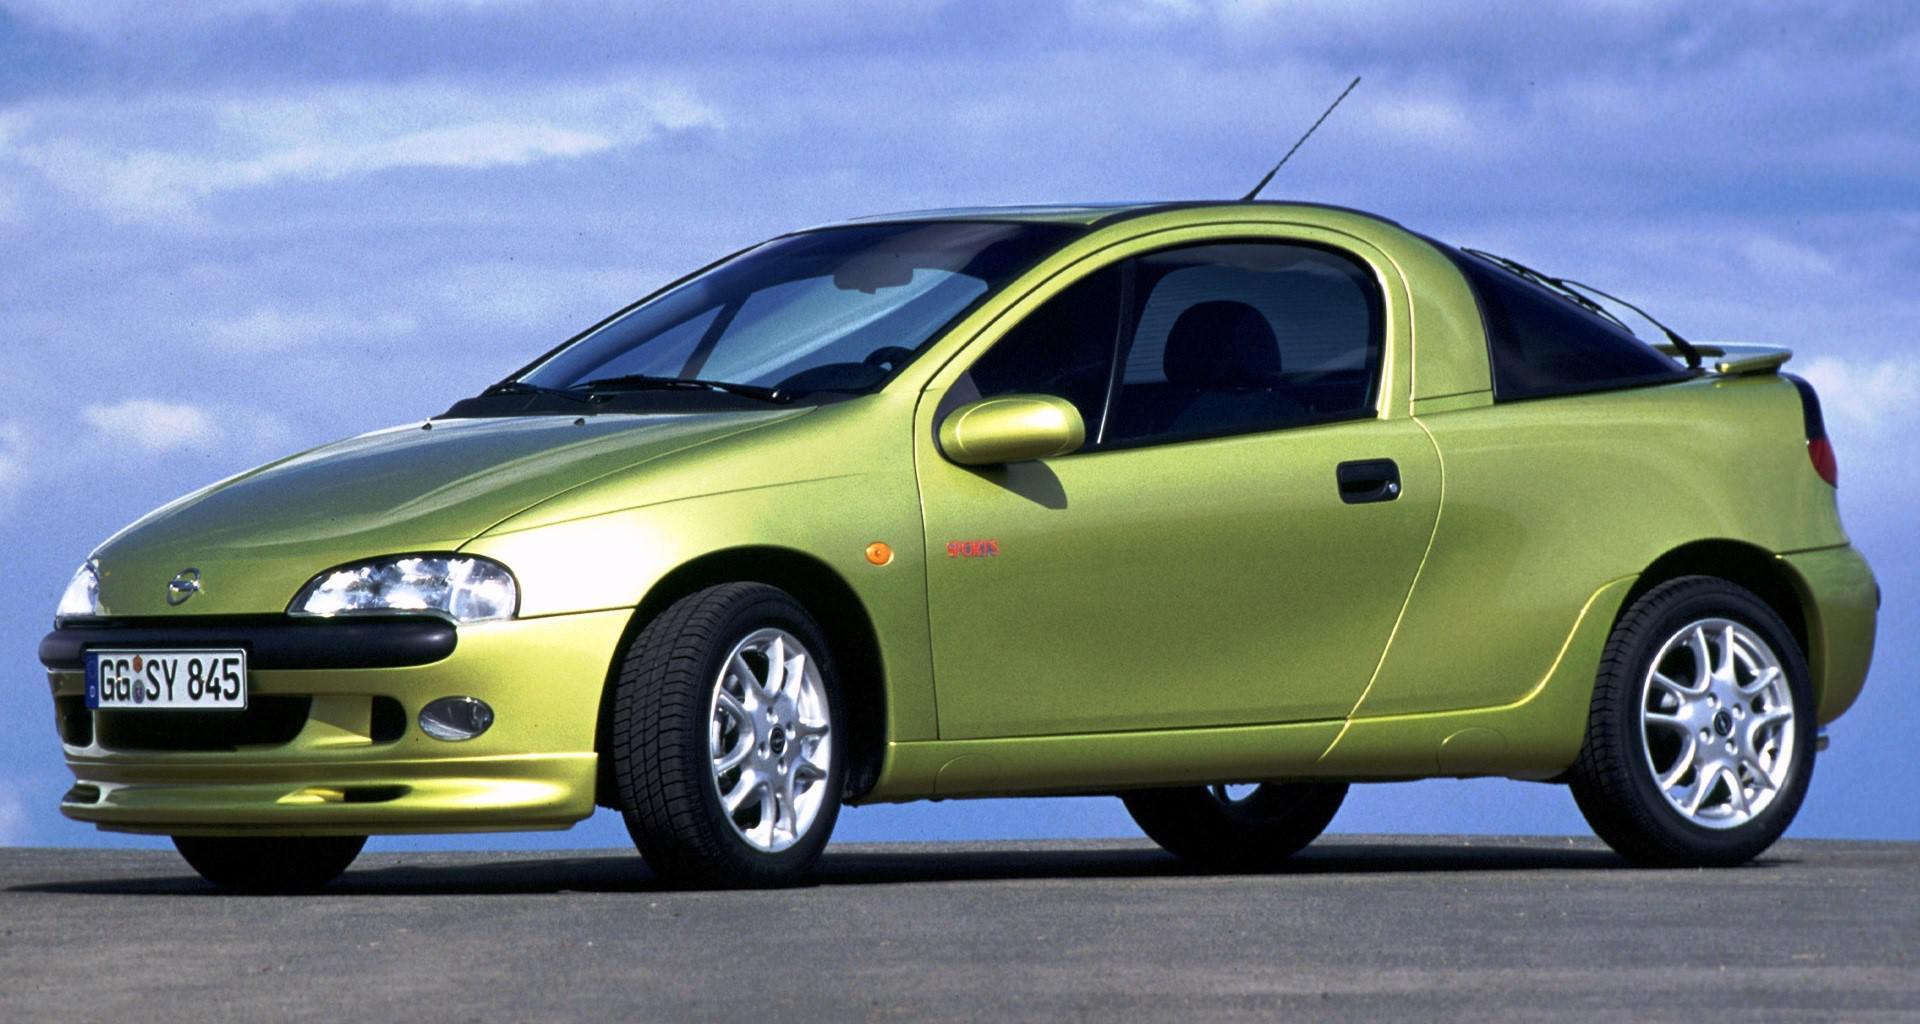 voitures-de-sports-qui-auront-25-ans-aujourd-hui-1269-62.jpg